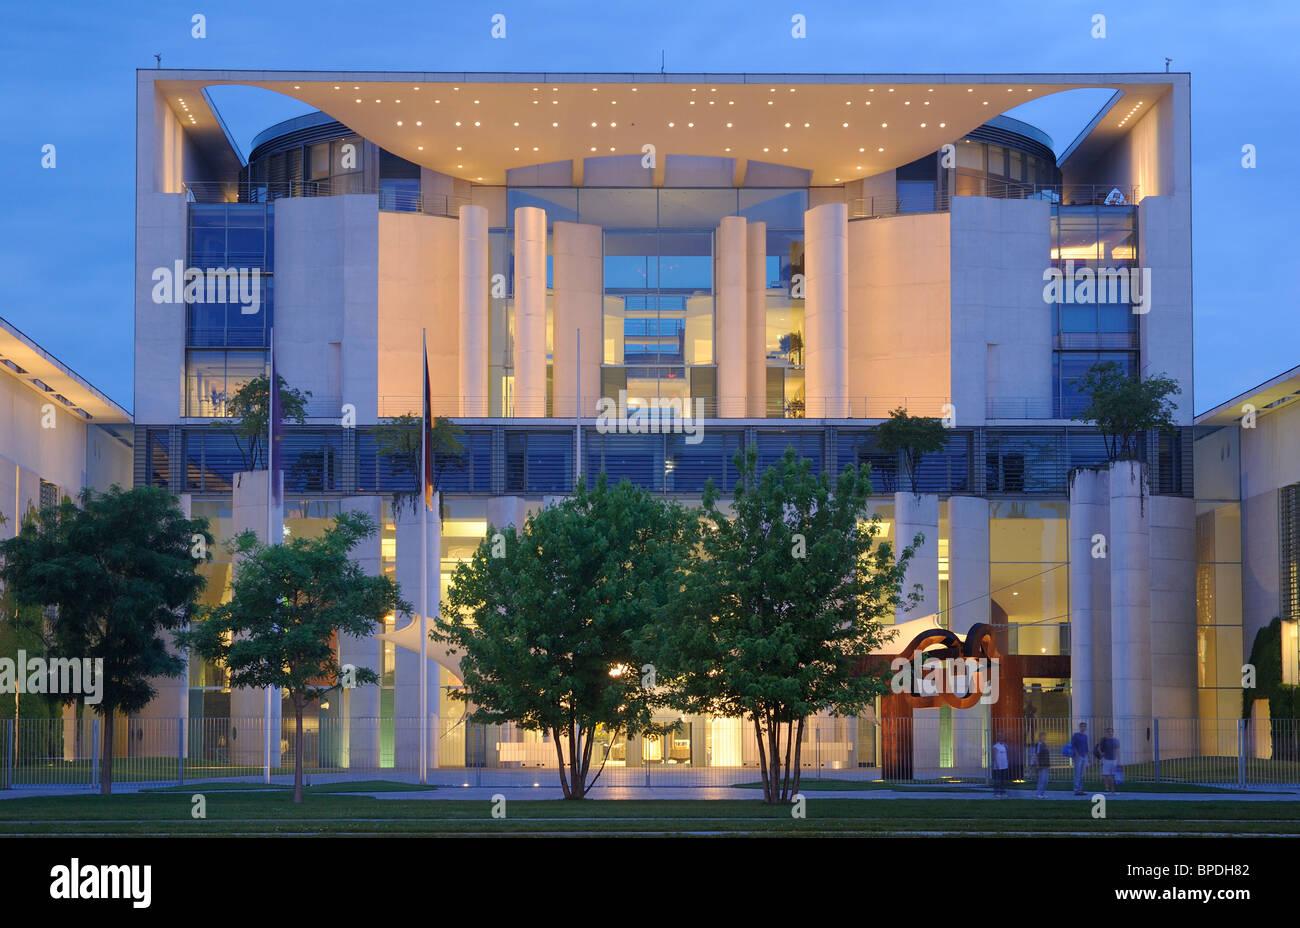 Bundeskanzleramt, German Chancellery, Regierungsviertel government quarter, Tiergarten district, Berlin, Germany, Stock Photo